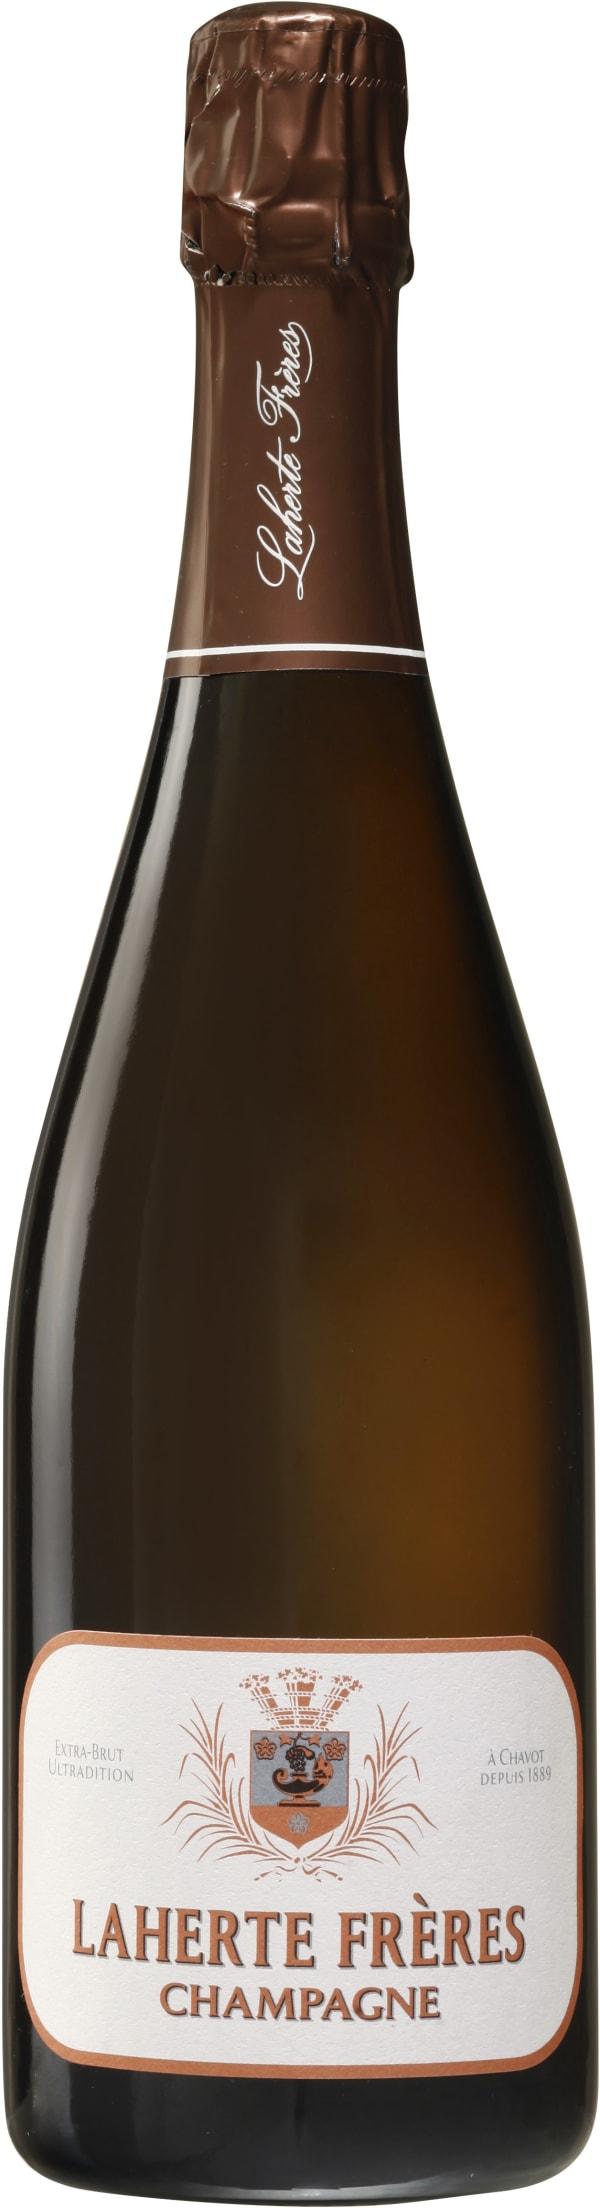 Laherte Freres Champagne Extra-Brut